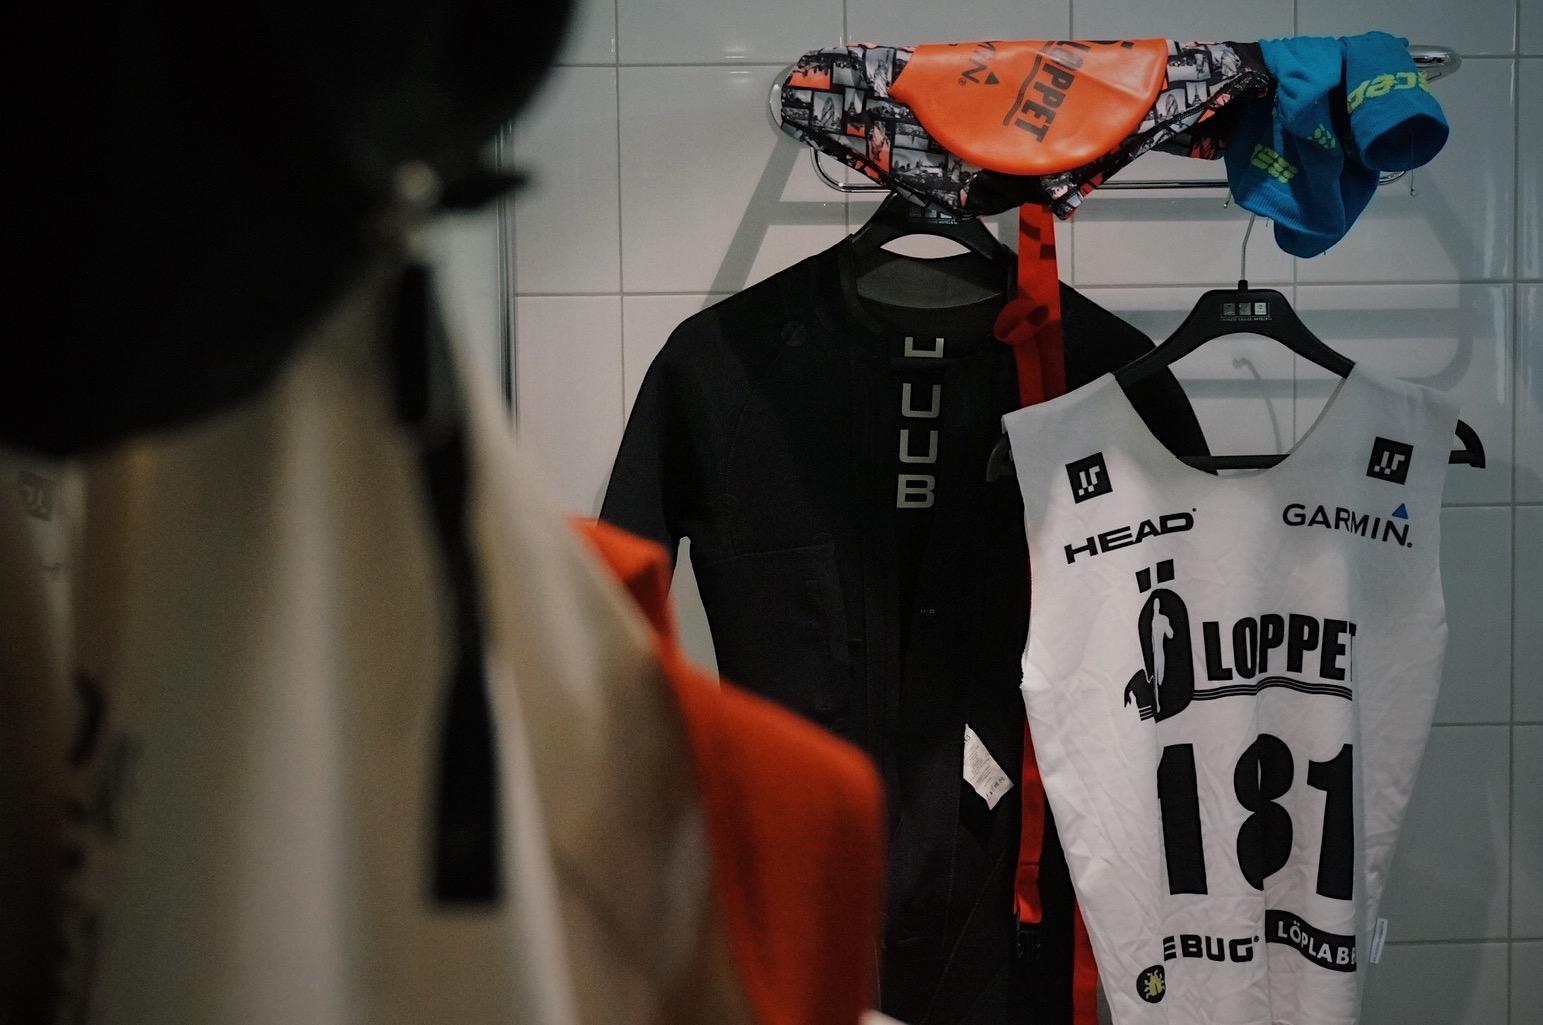 Runssel racereport 2017 08 loppet - Div onclick href ...